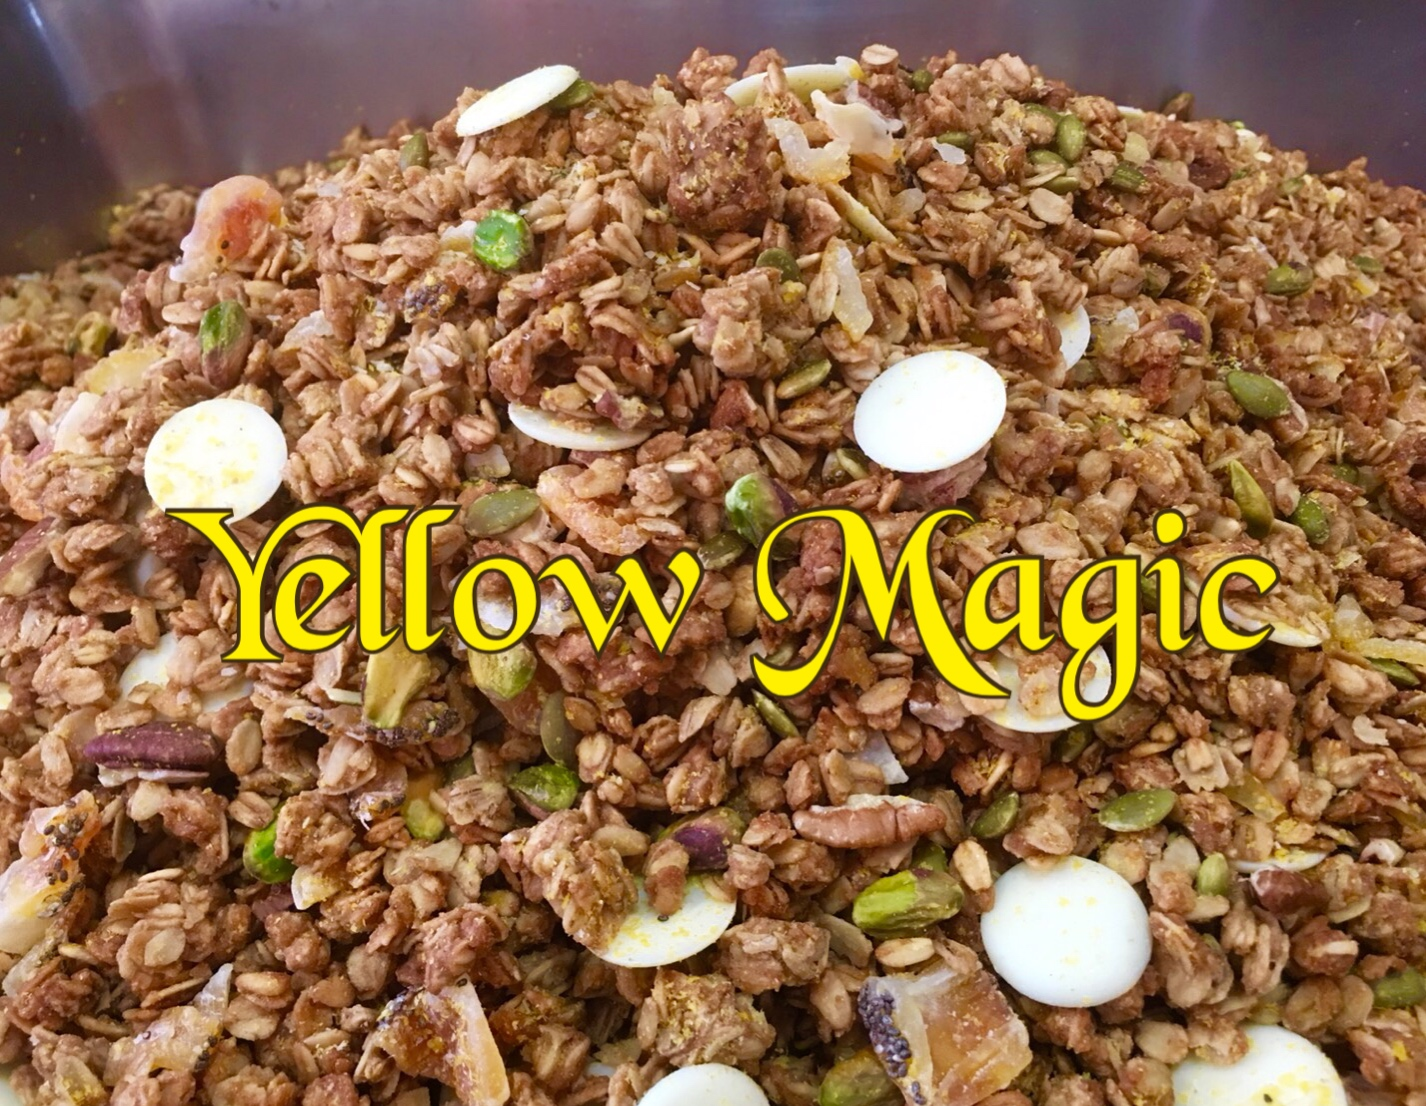 ★イエローマジック グラノーラ *Yellow Magic Granola 270g